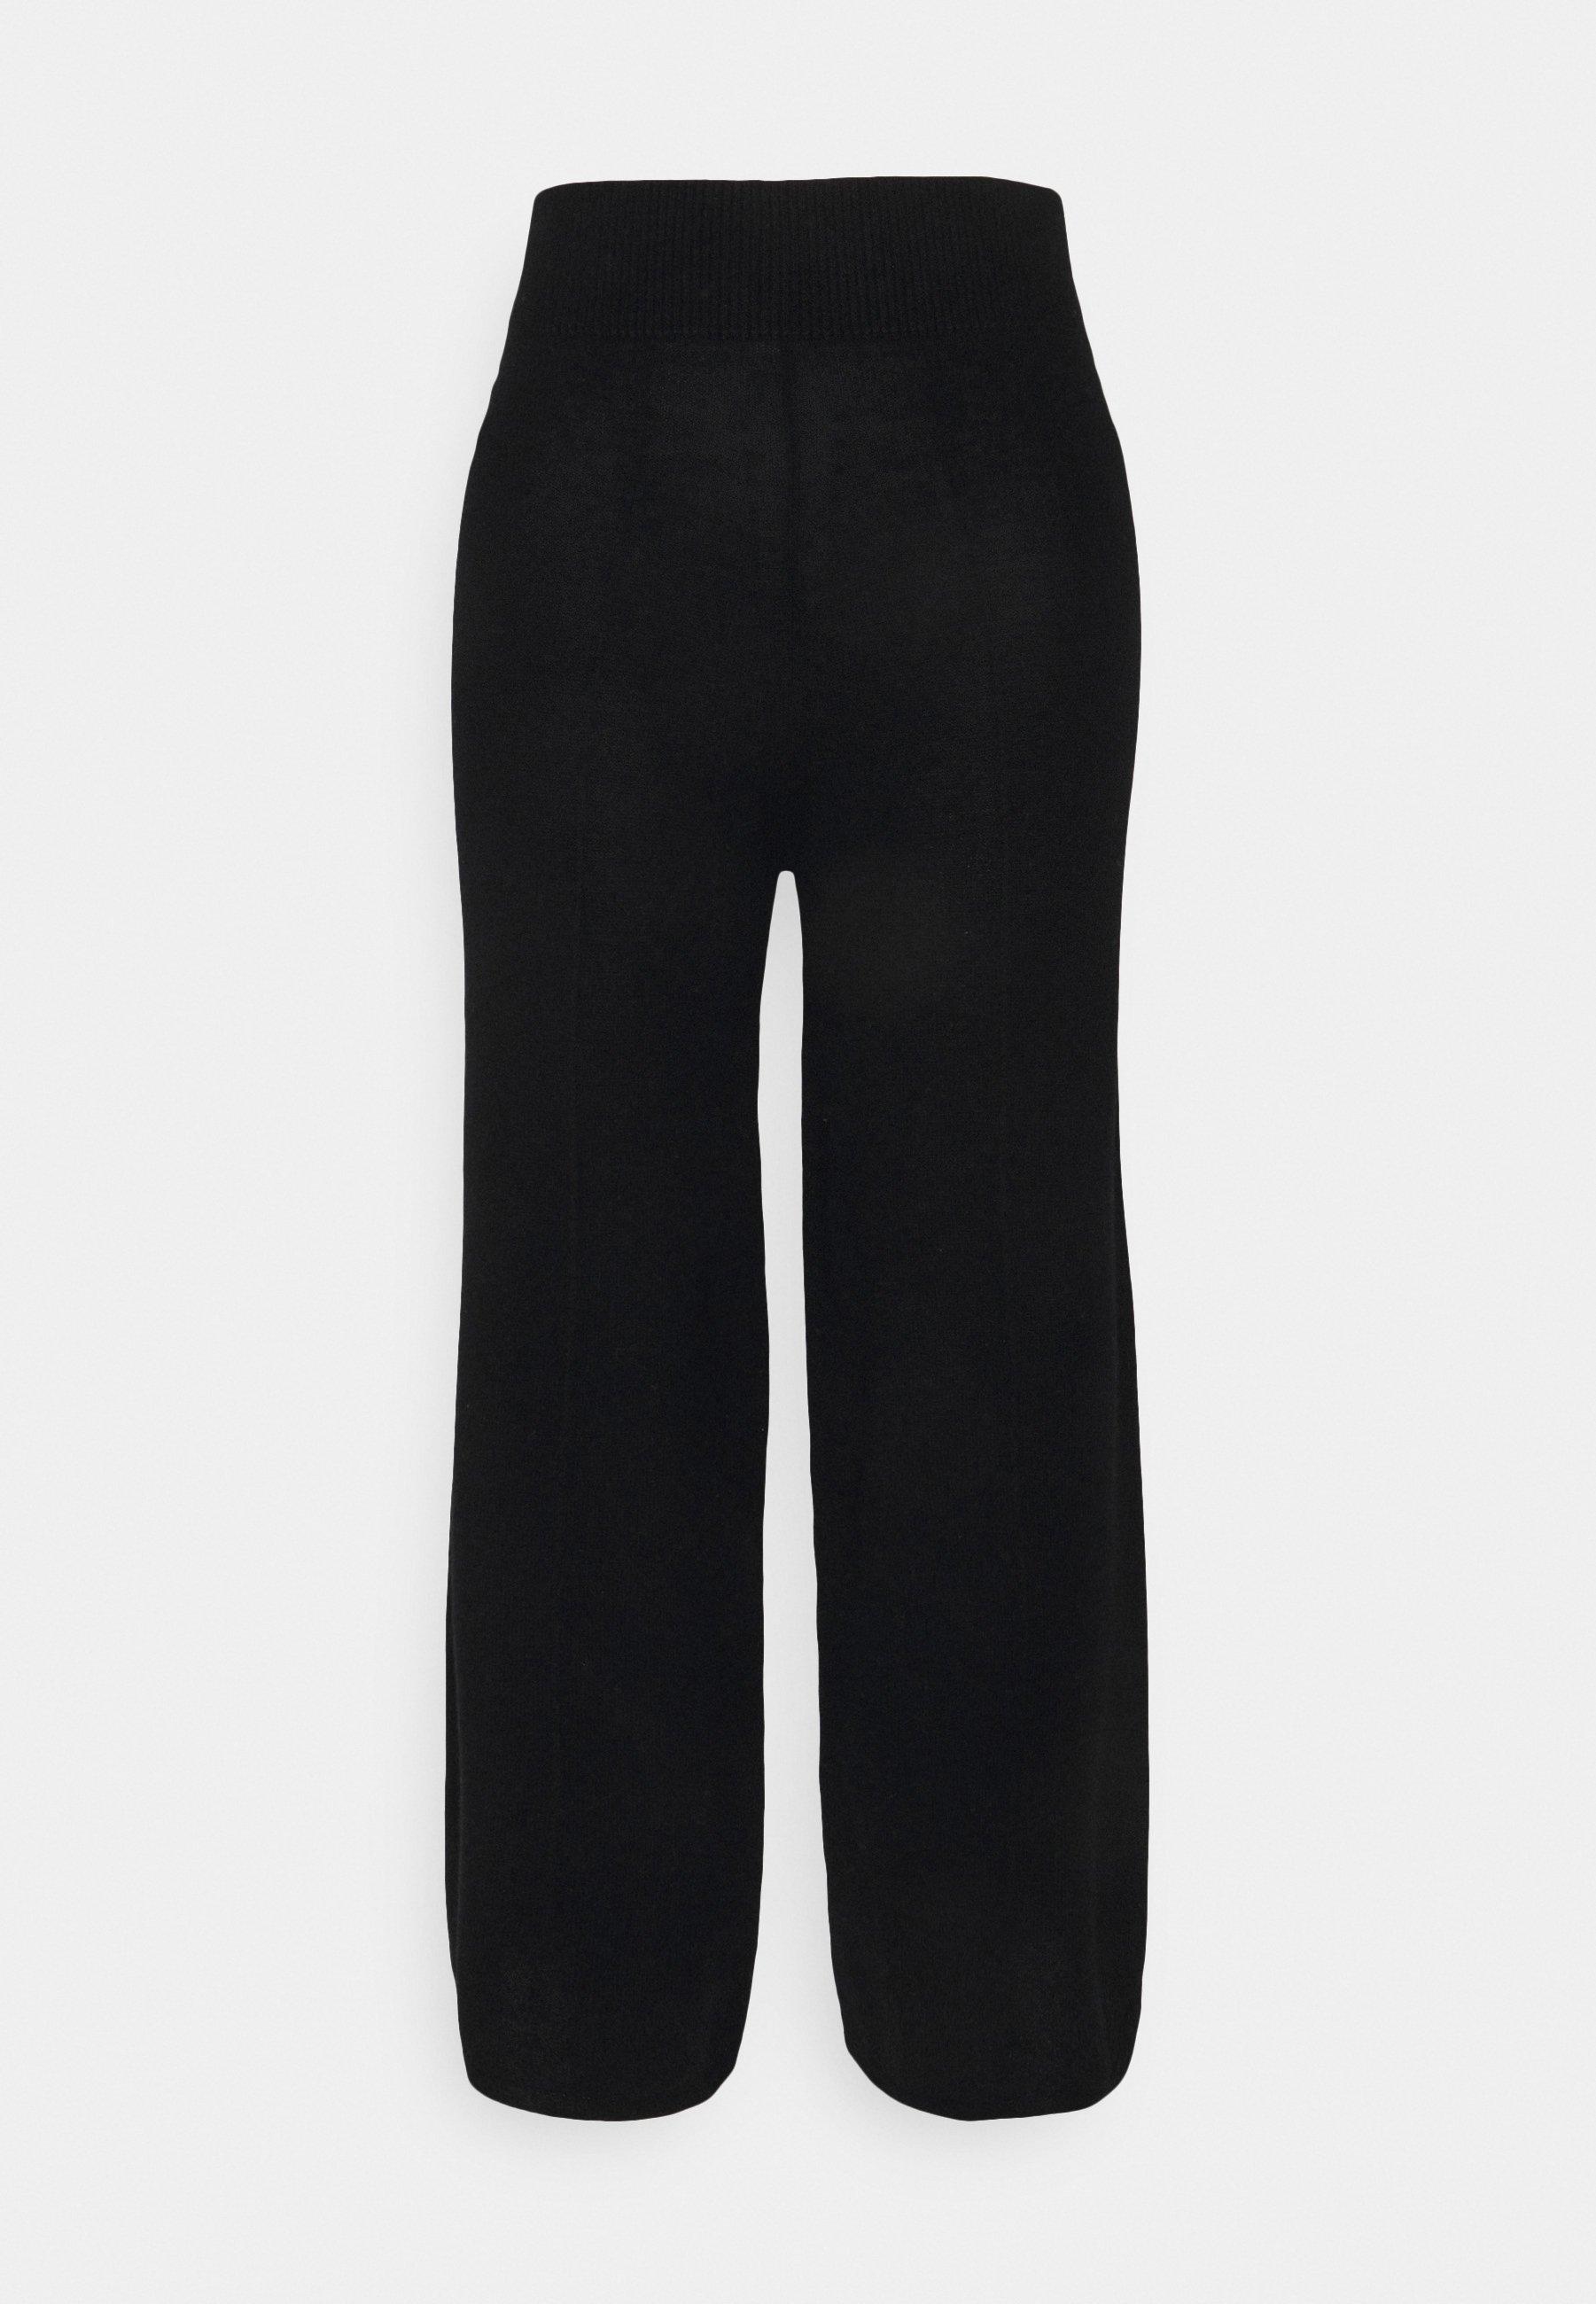 Femme LOOSE FIT PANTS - Pantalon classique